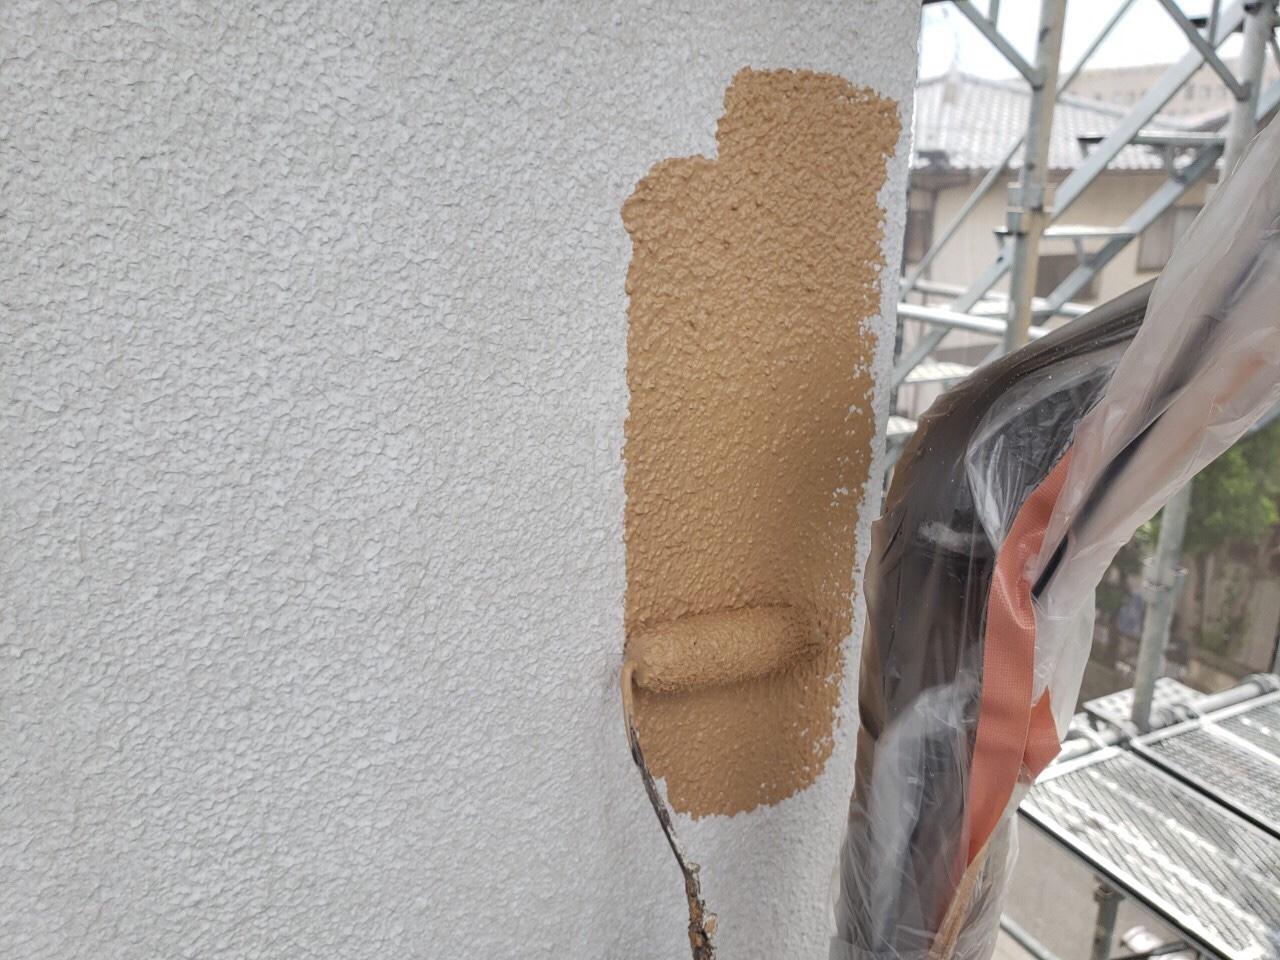 外壁の中塗り、上塗りをしました。既存の色とかわるので雰囲気が変わりました?